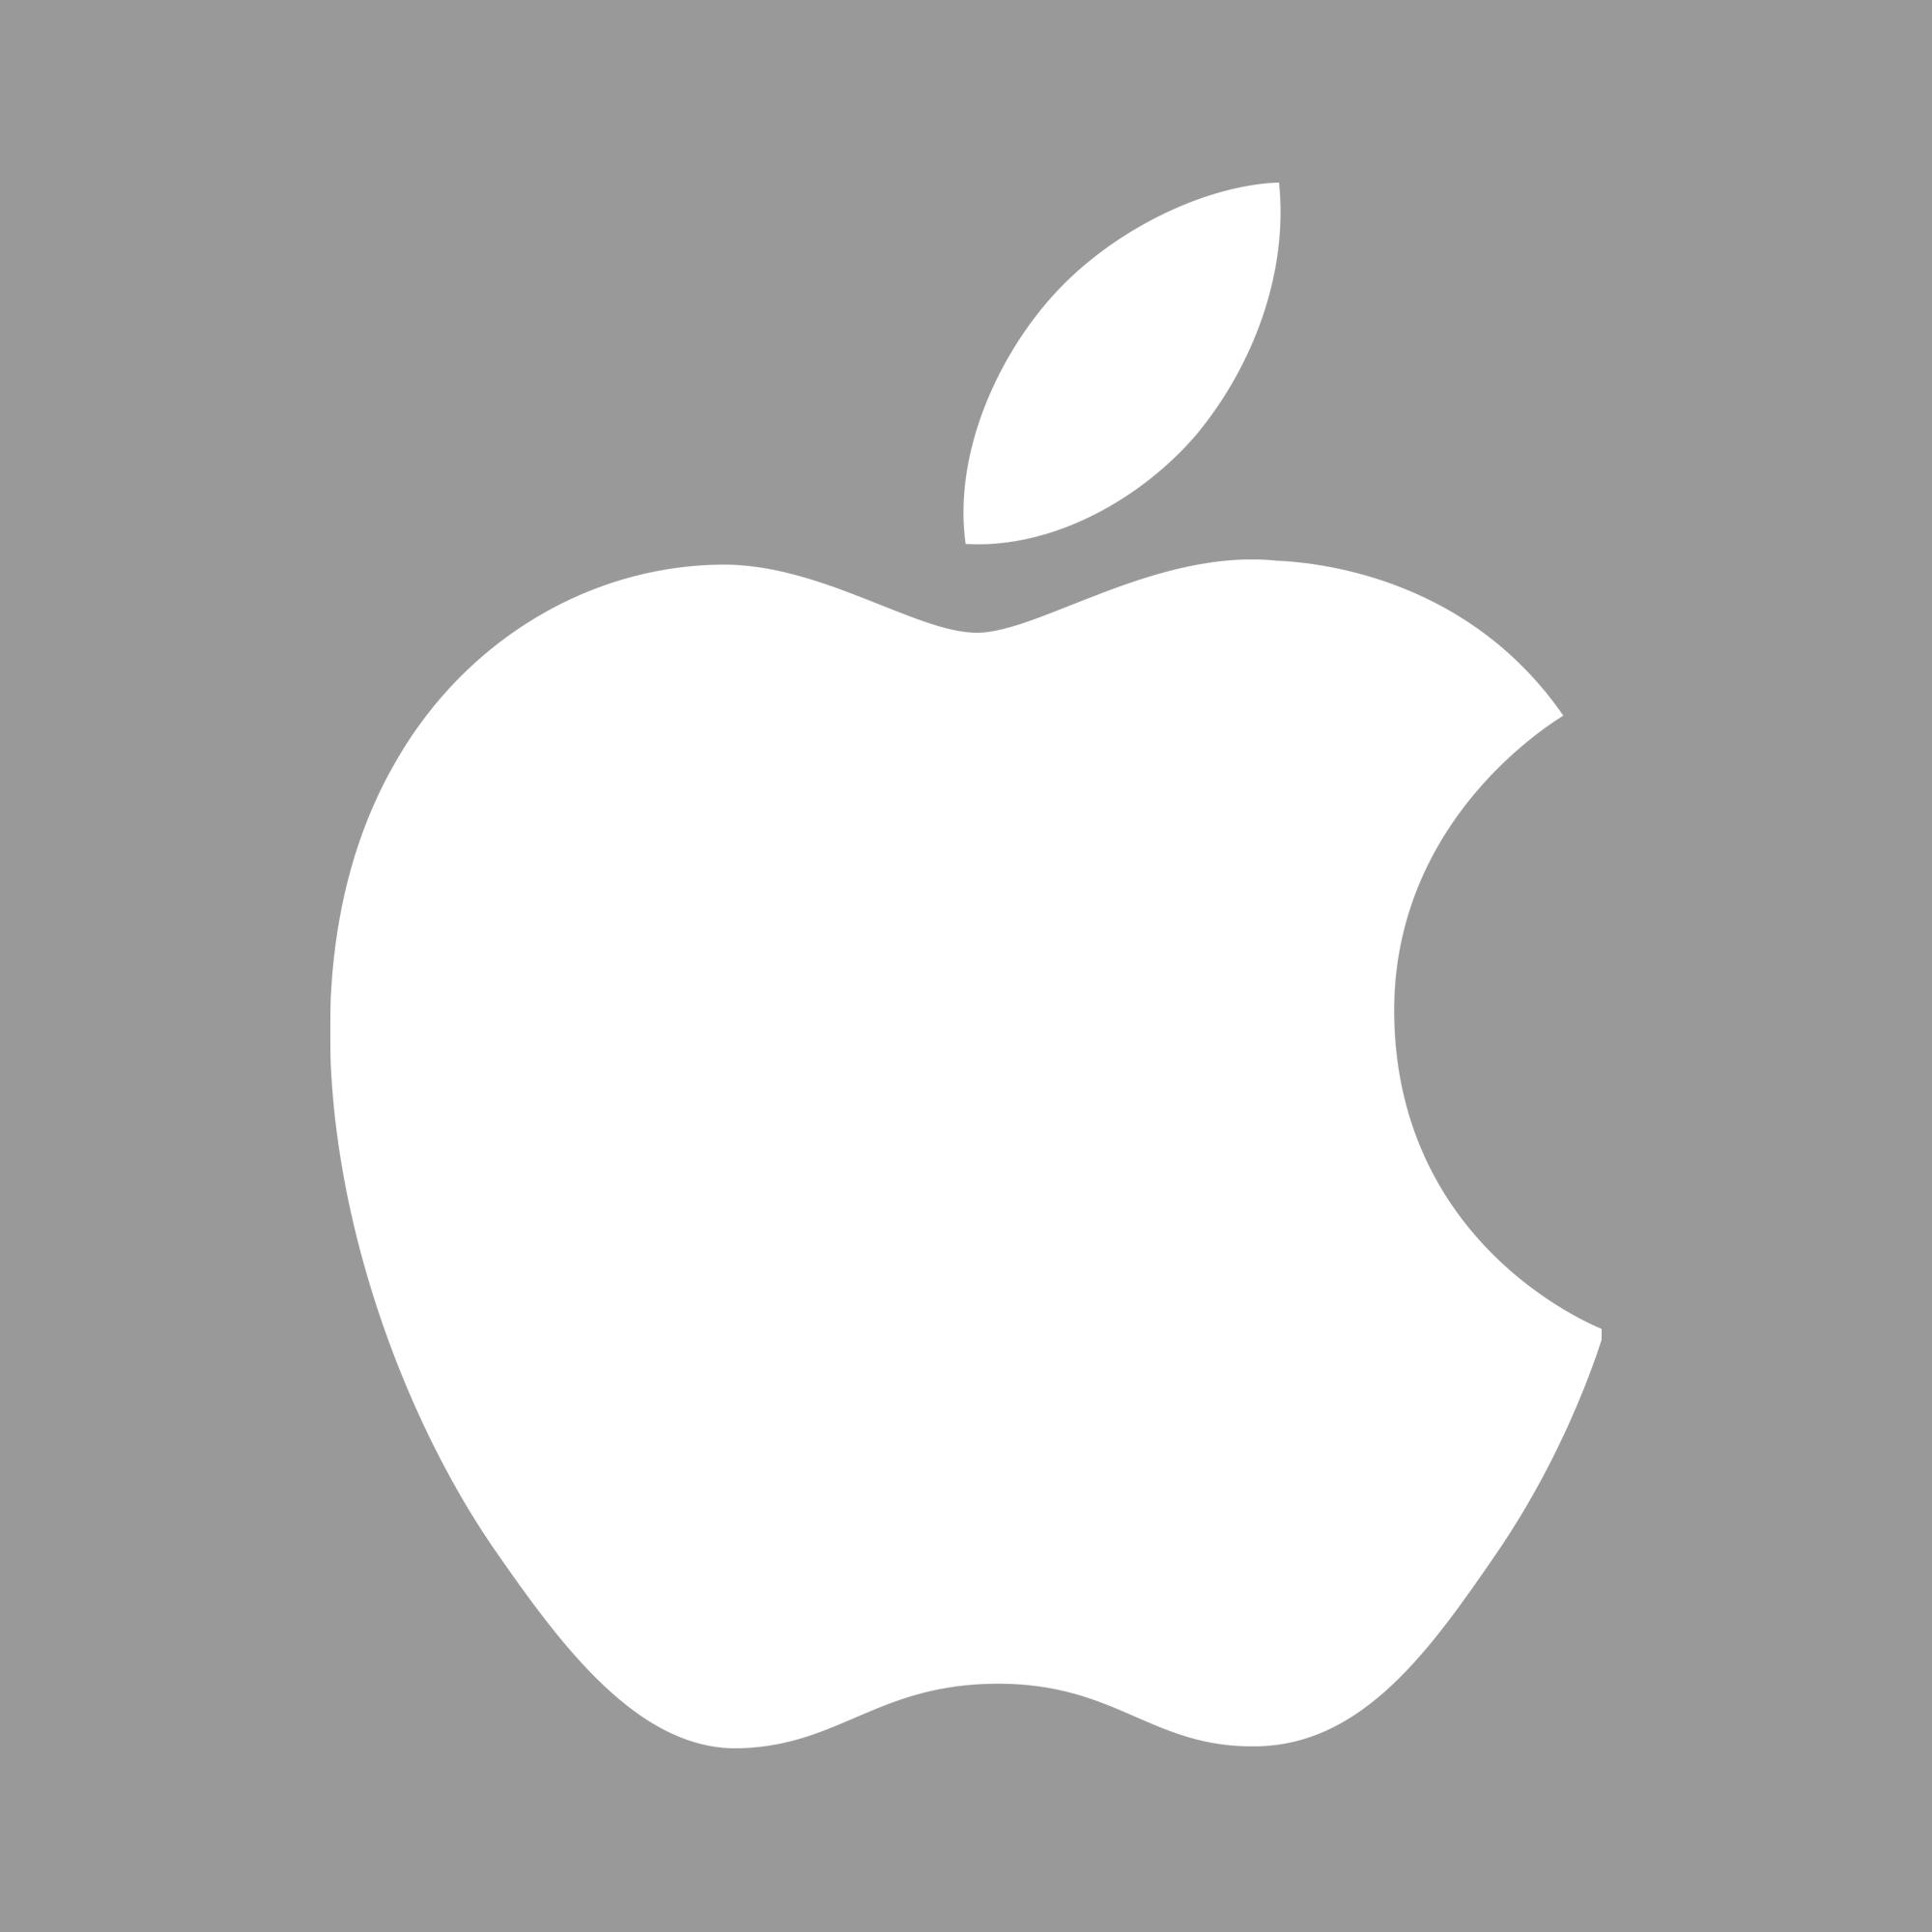 Apple aggiungerà un nuovo produttore per l'aggiornamento dell' iPad 3 ?